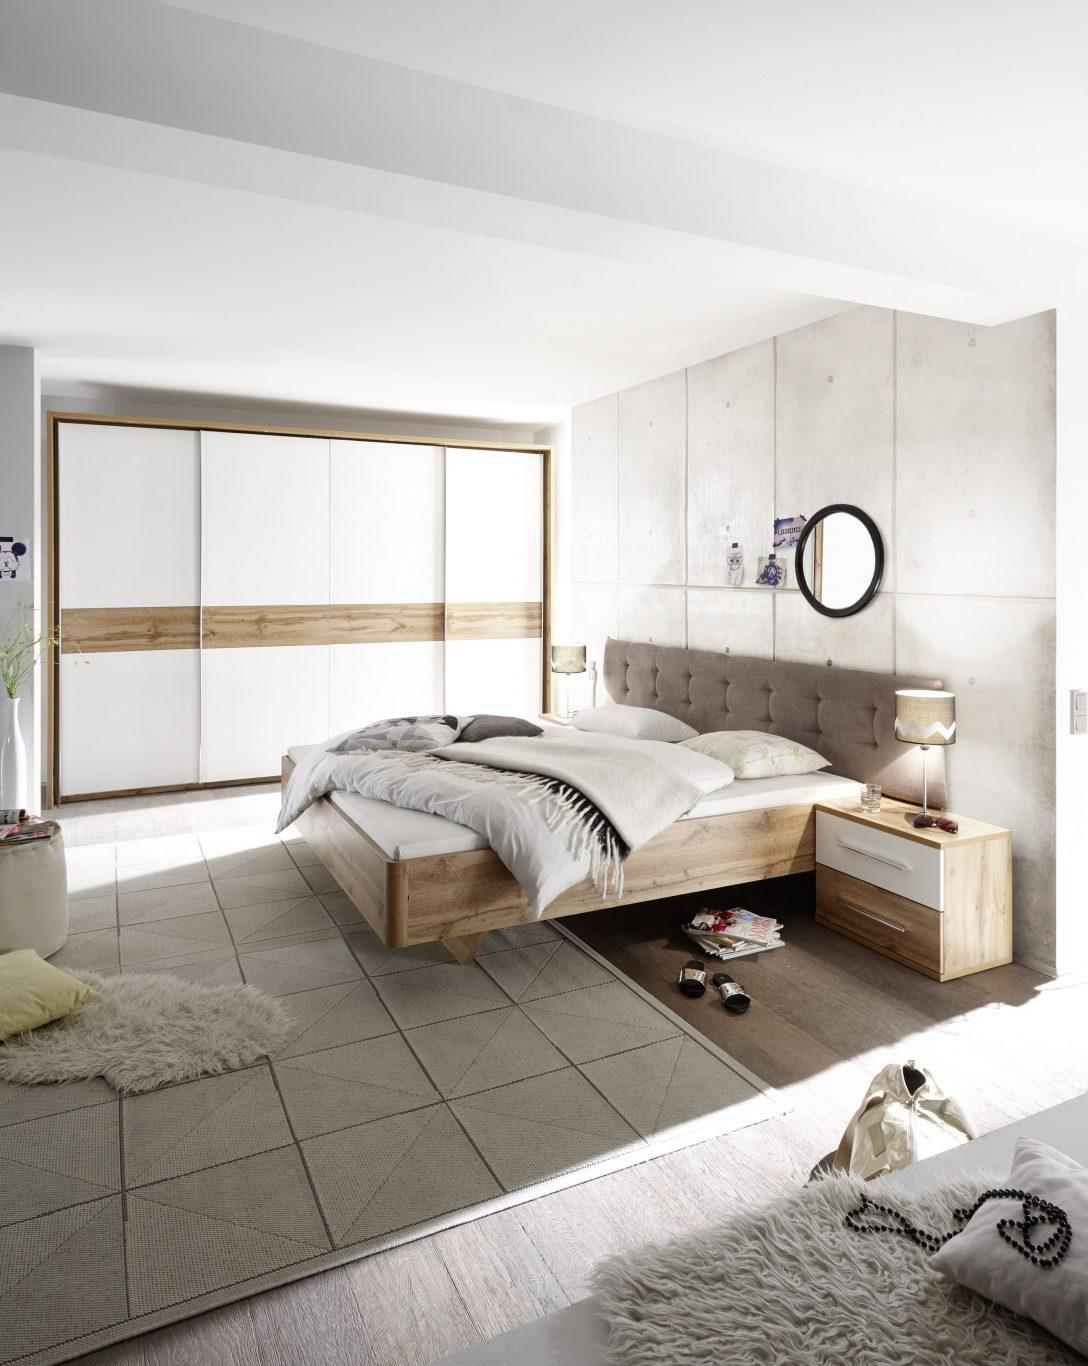 Large Size of Mbel Gnstig 24 Schlafzimmer Komplett Set 5 Tlg Bergamo Bett 180 Landhausstil Landhaus Günstige Deckenleuchte Modern Günstig Betten Kaufen Eckschrank Regale Schlafzimmer Schlafzimmer Set Günstig